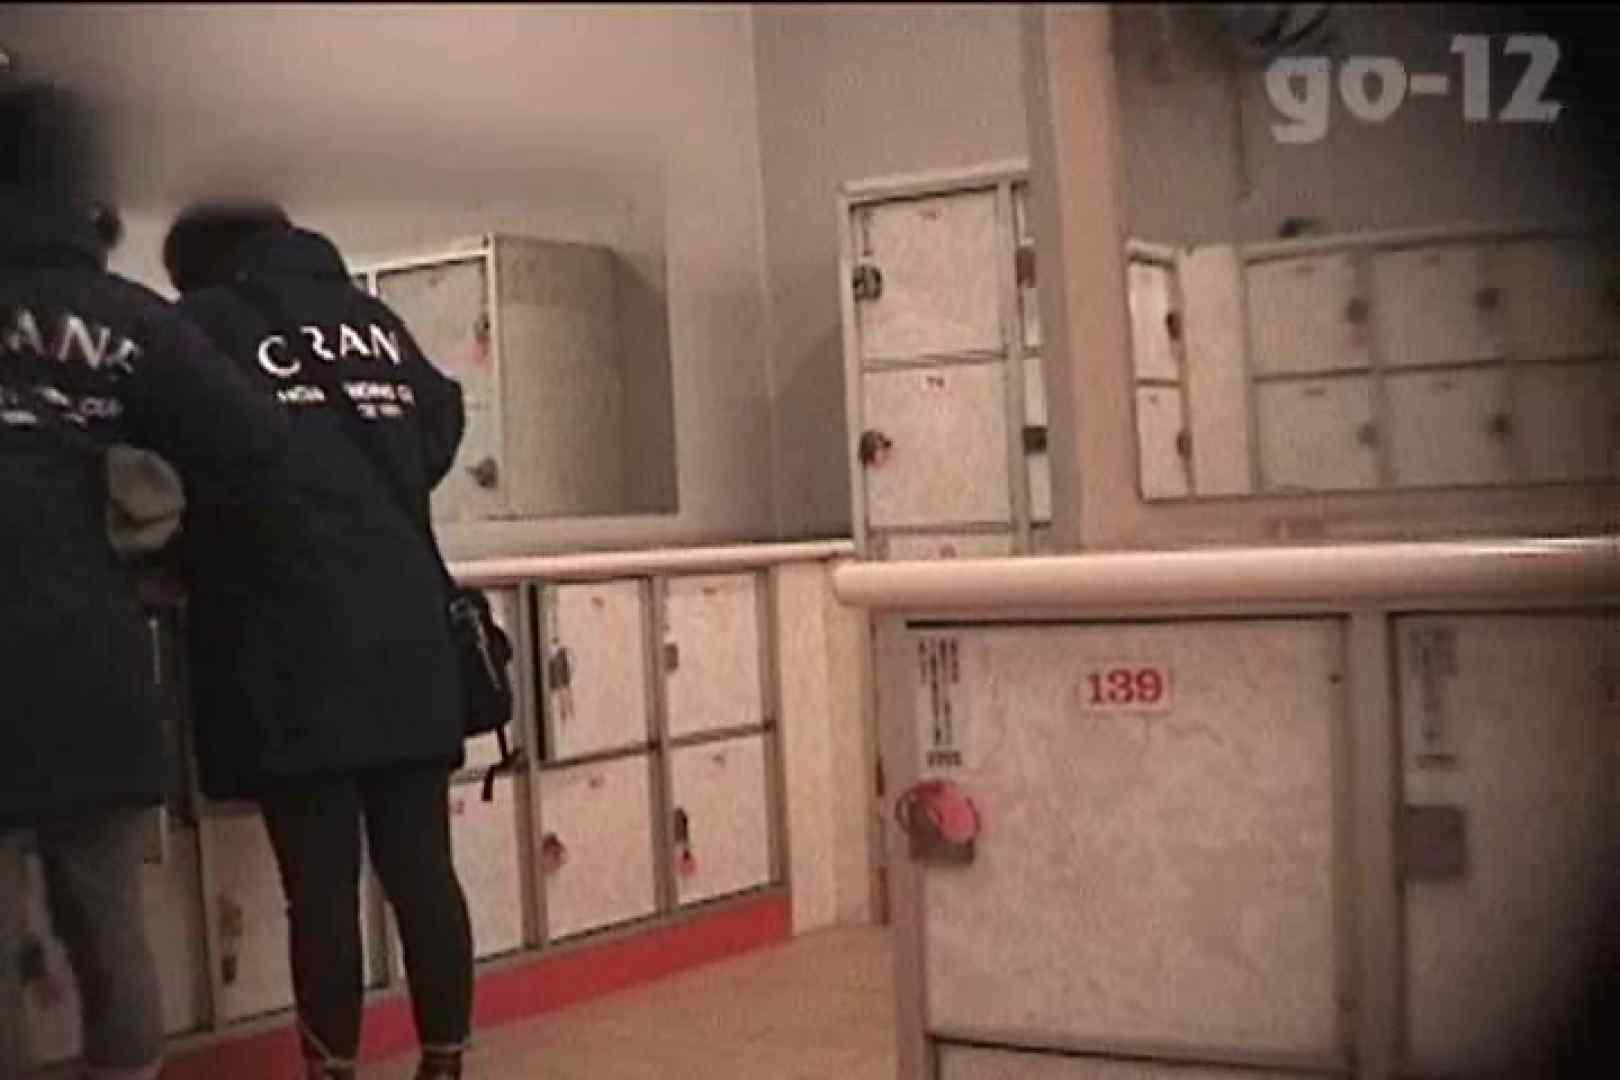 電波カメラ設置浴場からの防HAN映像 Vol.12 チラ見せ オマンコ無修正動画無料 82PIX 5